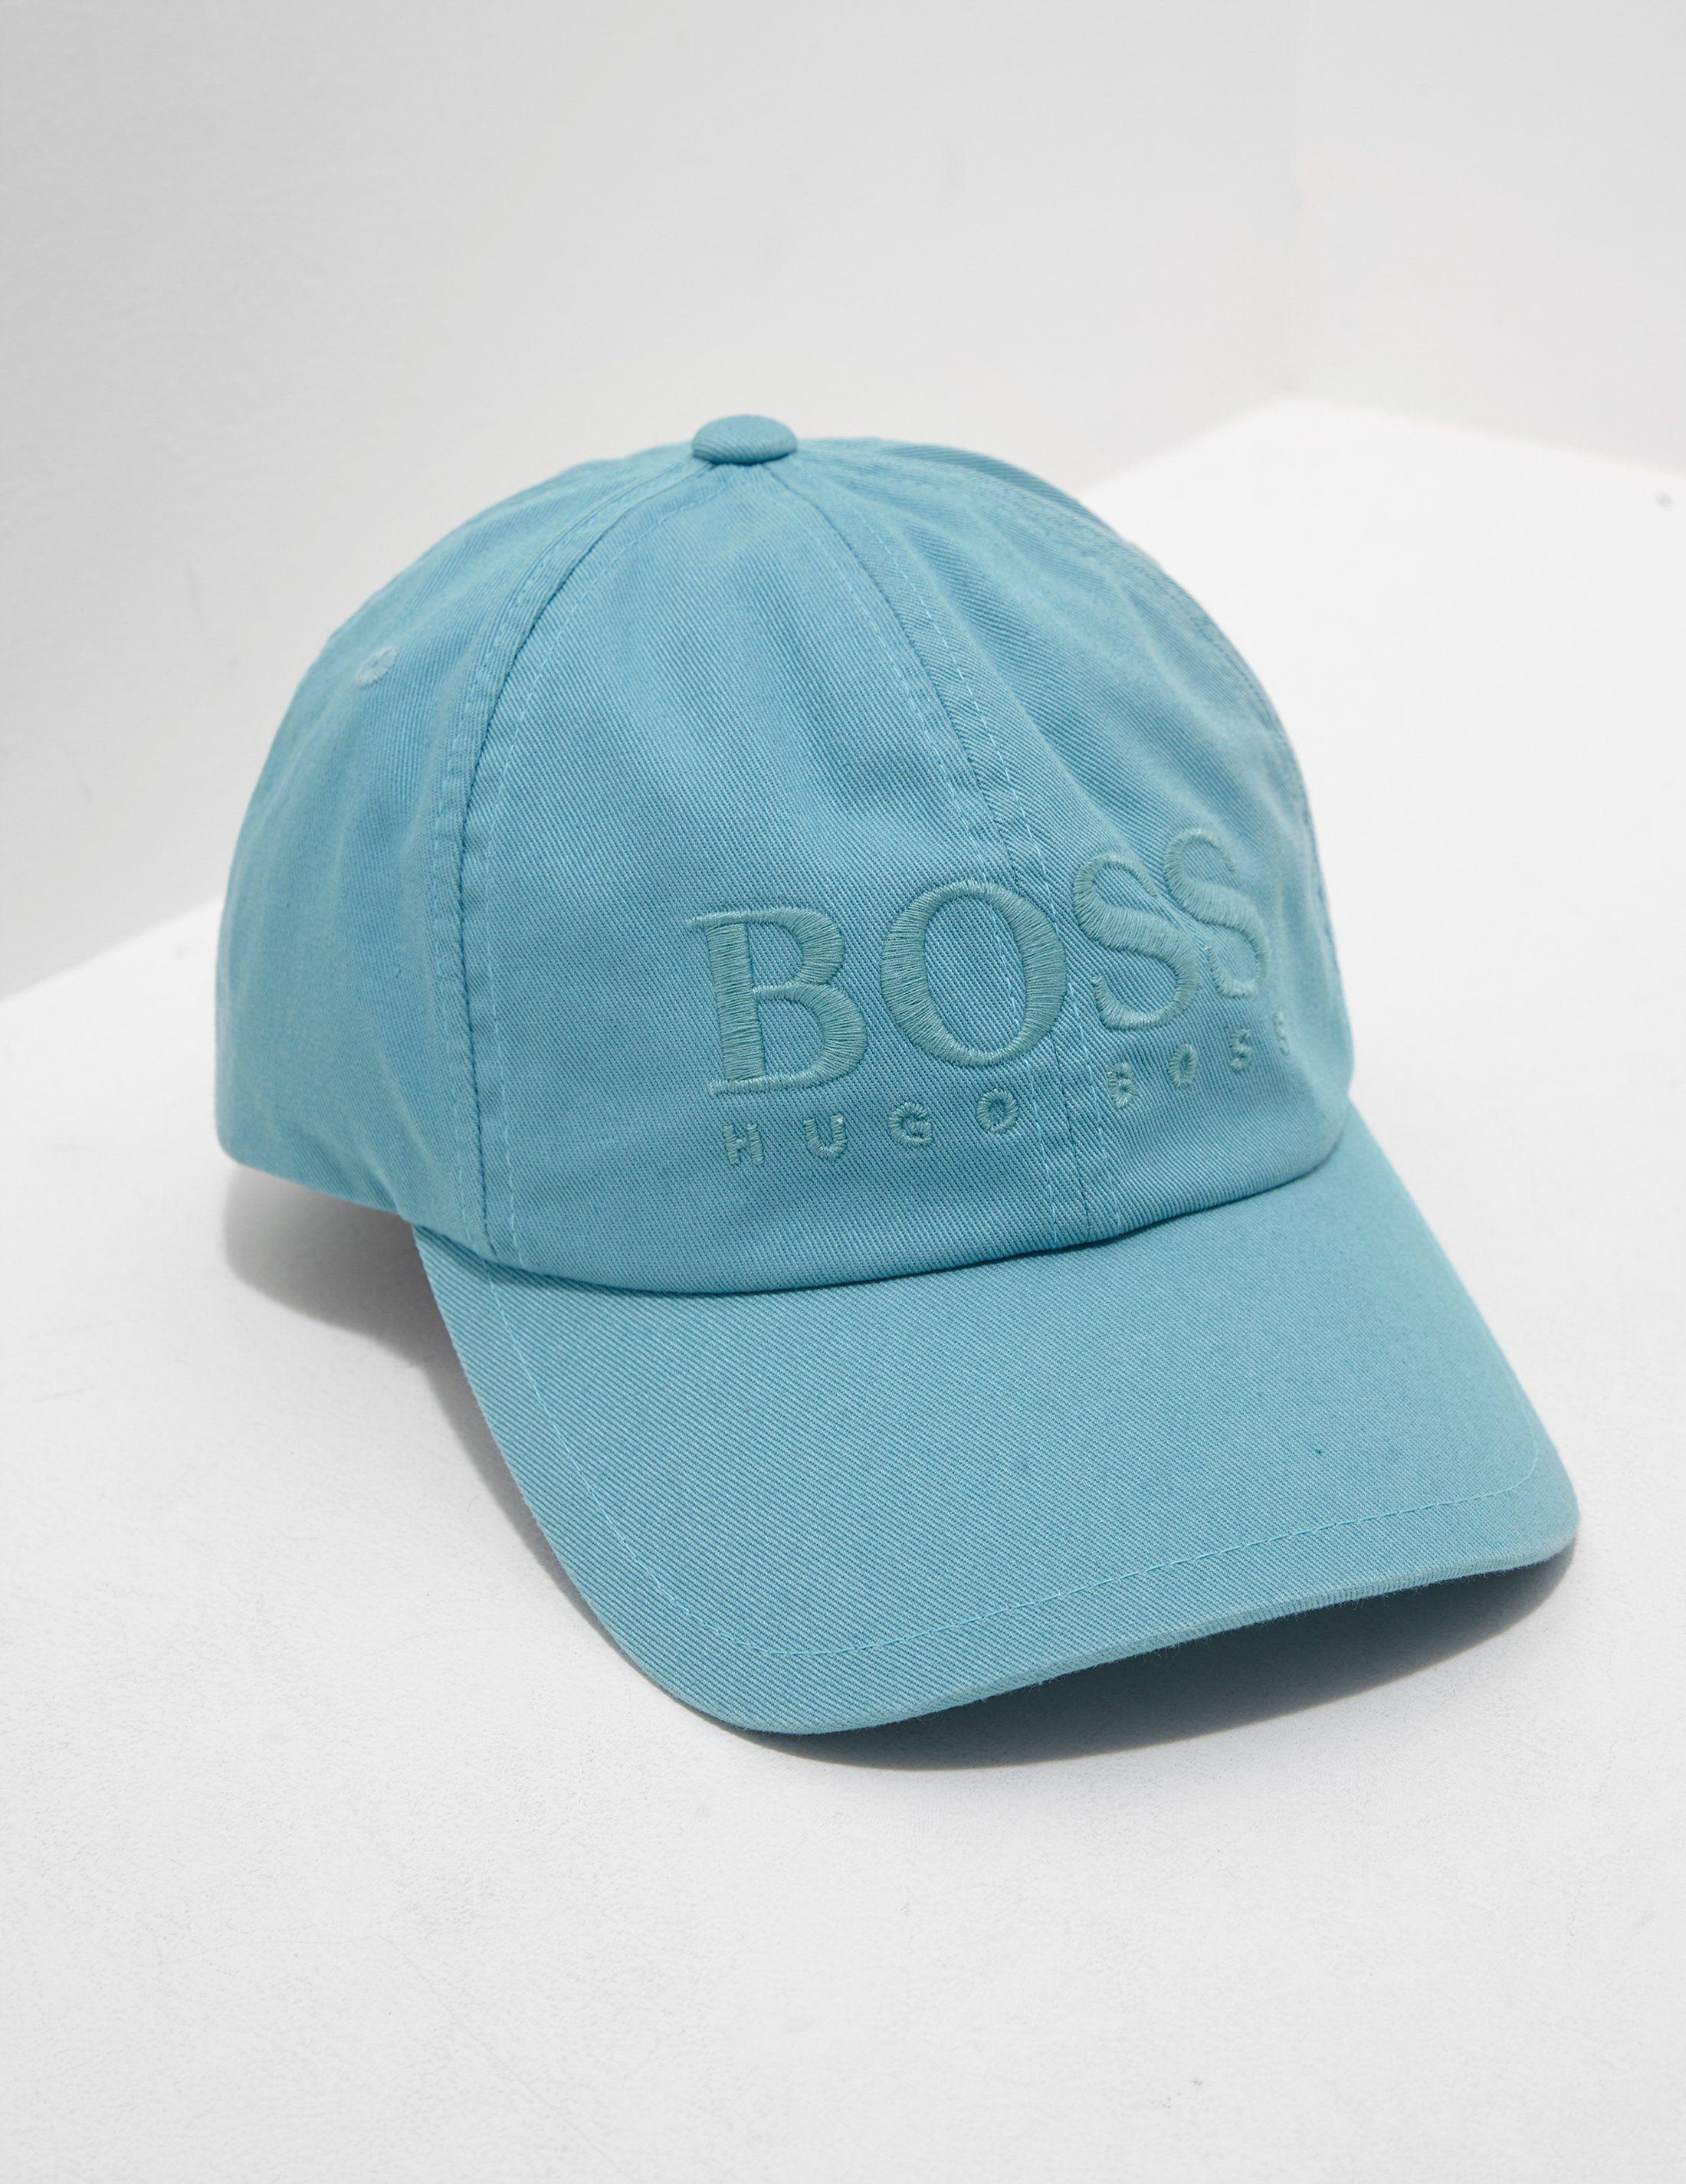 BOSS Orange Tonal Baseball Cap